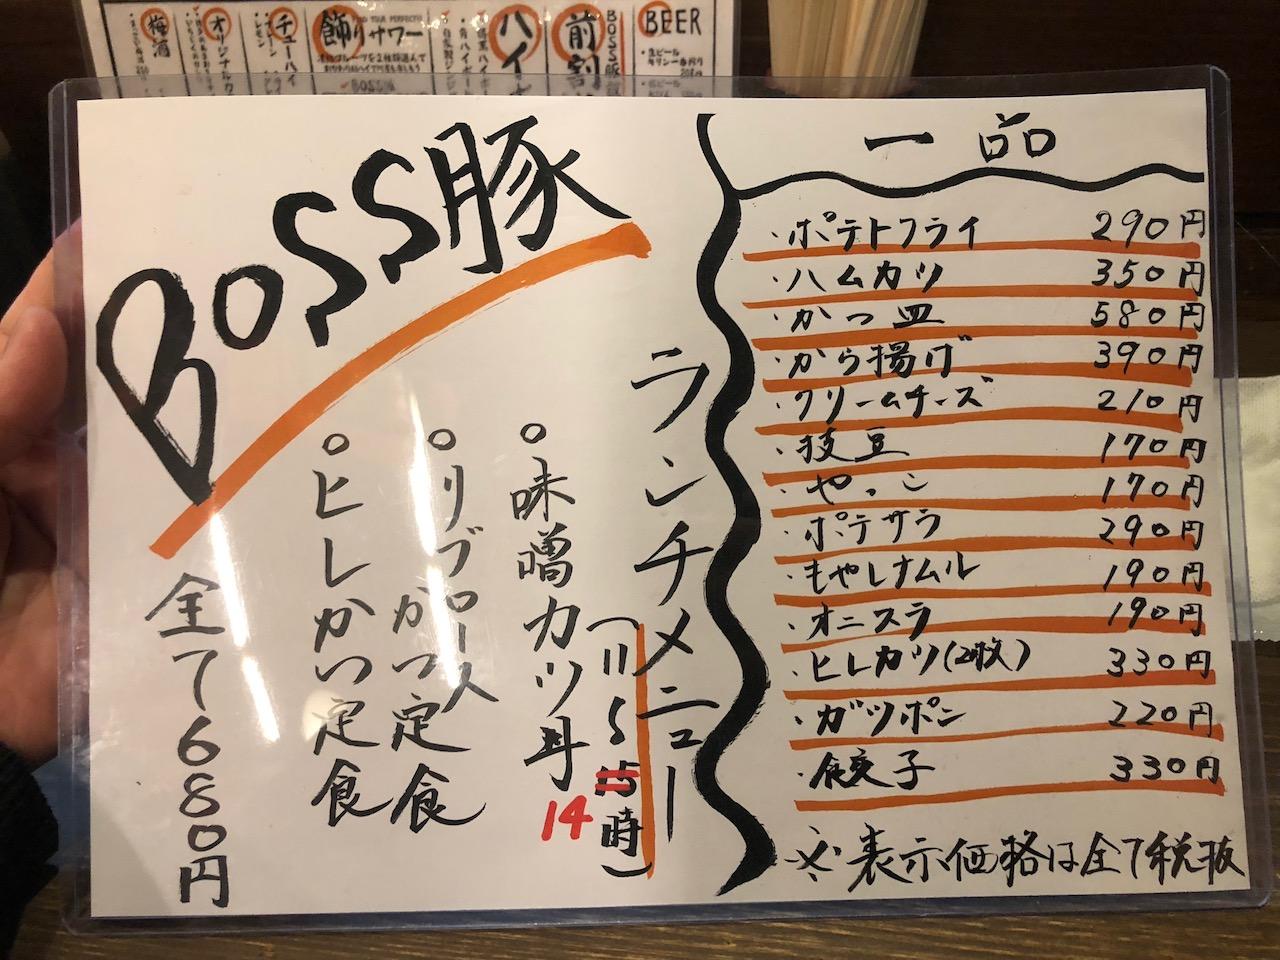 姫路駅前グランフェスタ地下街のBOSS豚(ボストン)でランチ!あれっ?前回と様子が違うぞ・・・